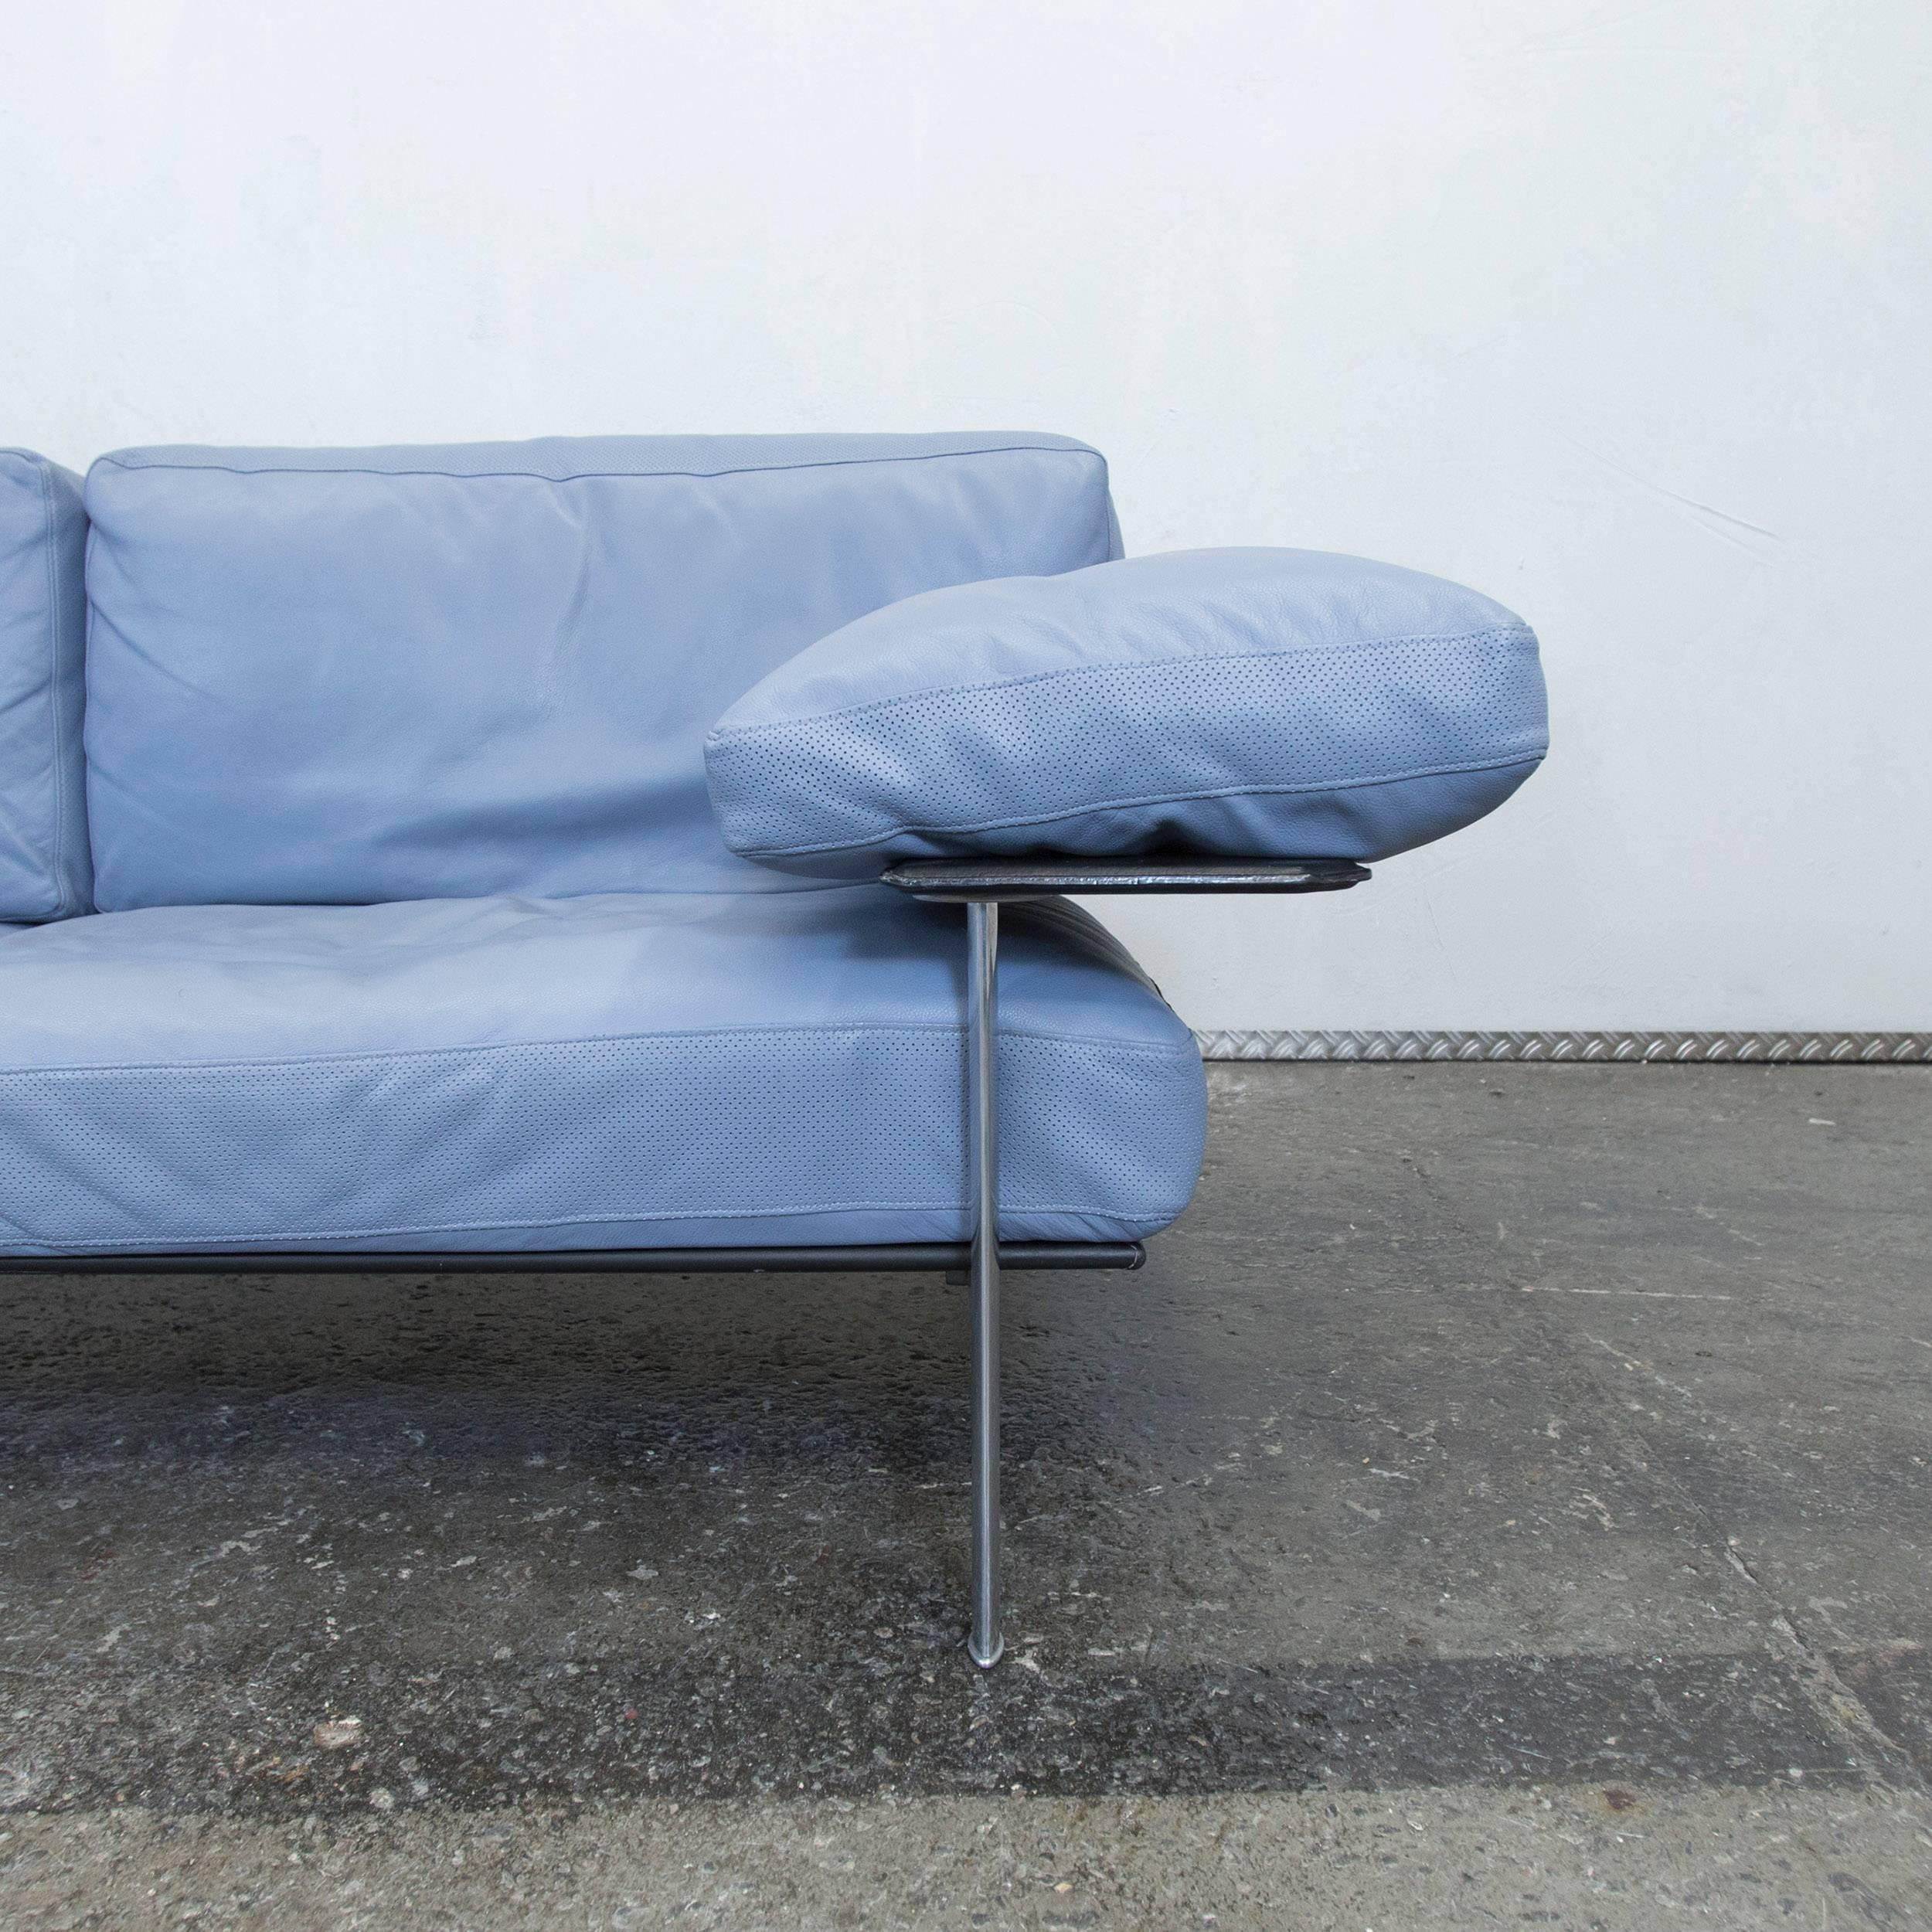 desiner sofa elegant vittoria iris seater sofa pavement grey with desiner sofa boa designer. Black Bedroom Furniture Sets. Home Design Ideas